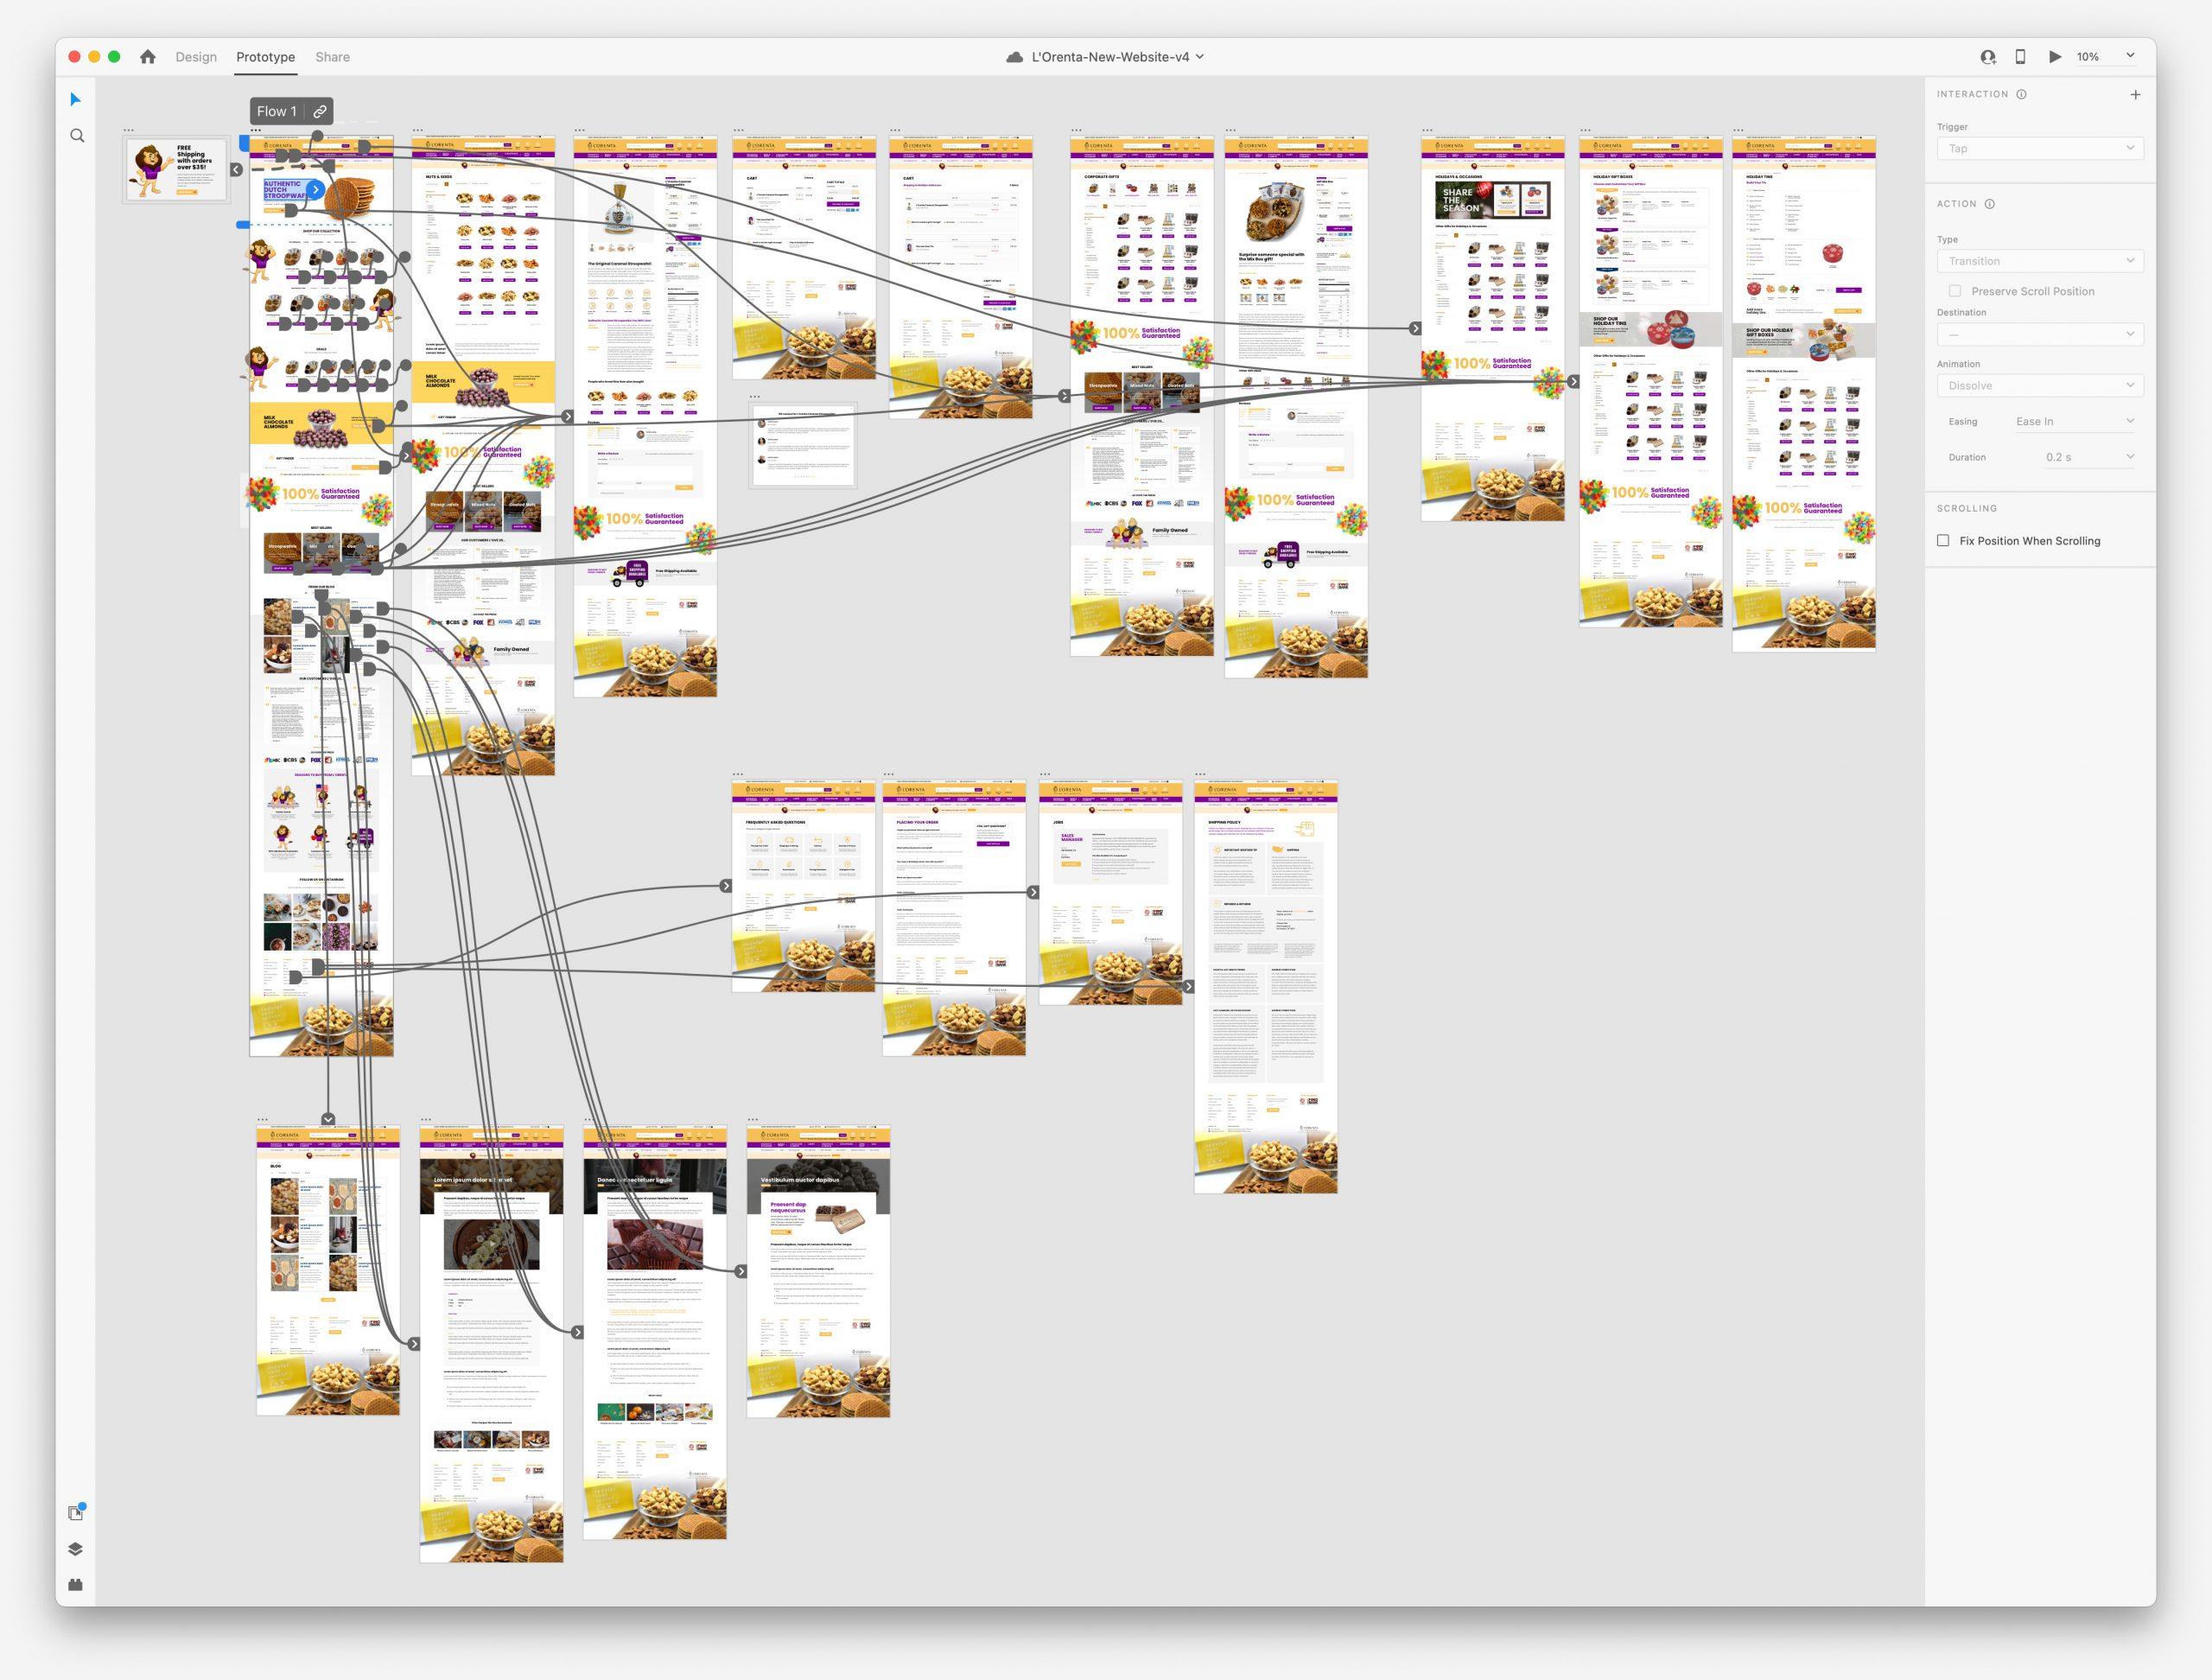 L'Orenta Website - Adobe XD Prototype